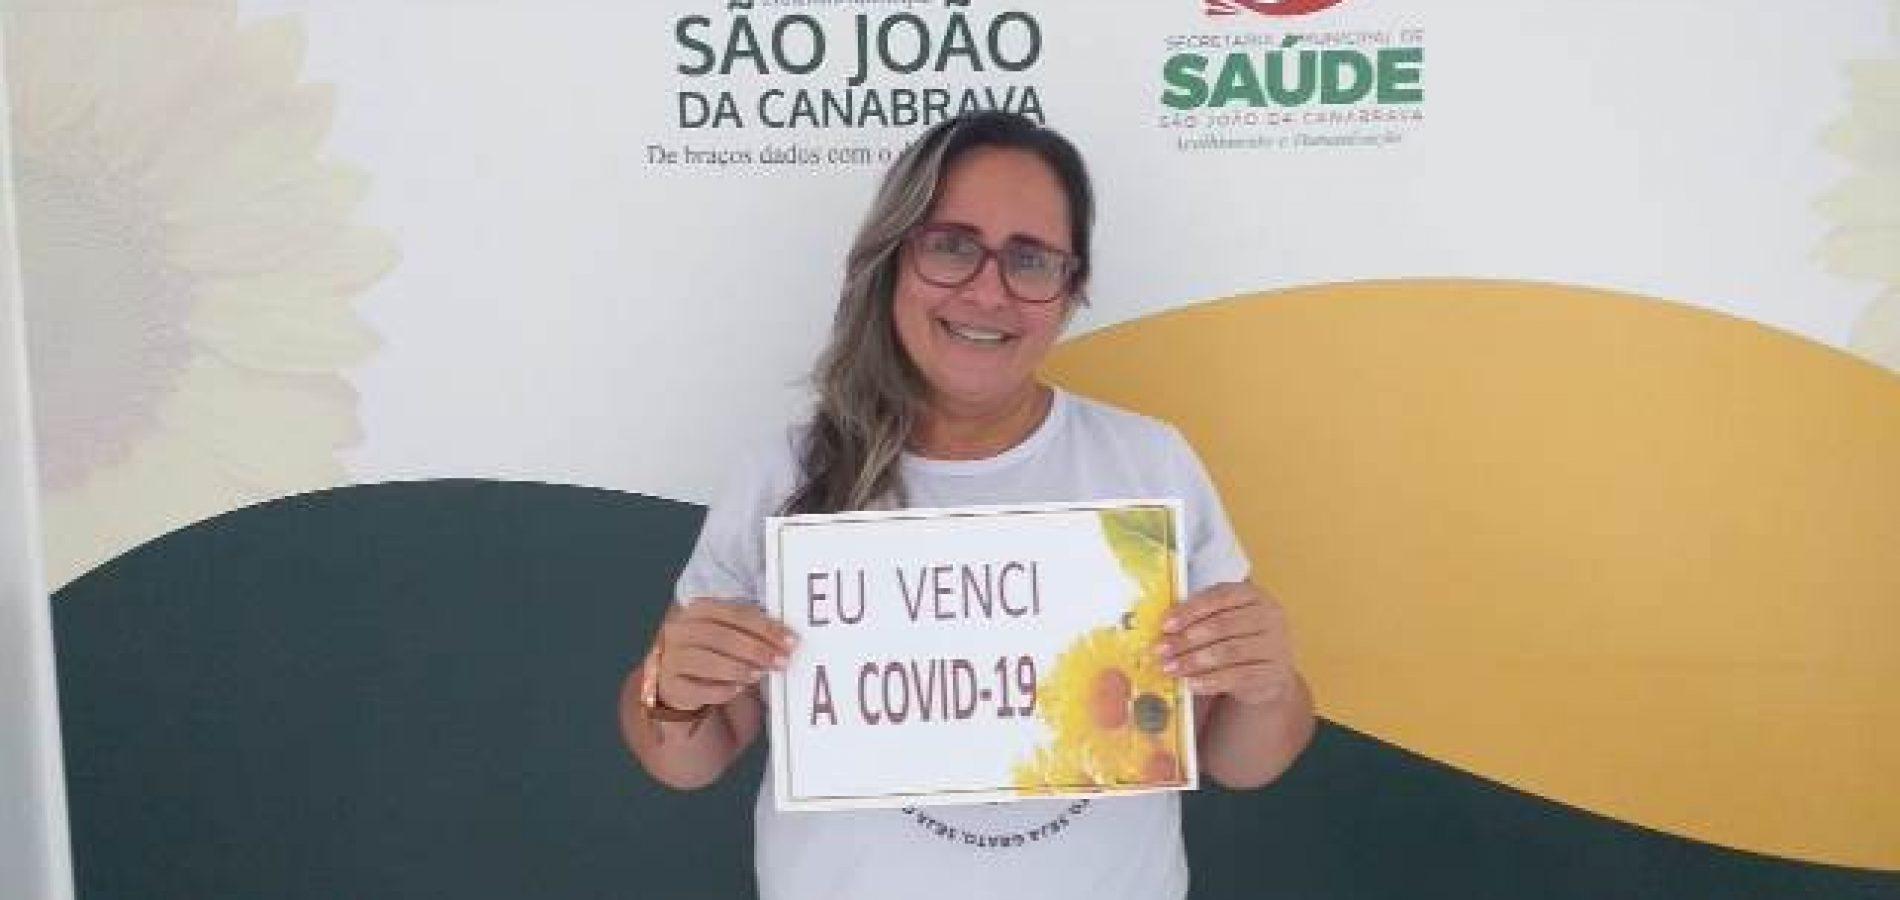 SÃO JOÃO DA CANABRAVA | Morre aos 43 anos a técnica em enfermagem Valdinéia Carvalho